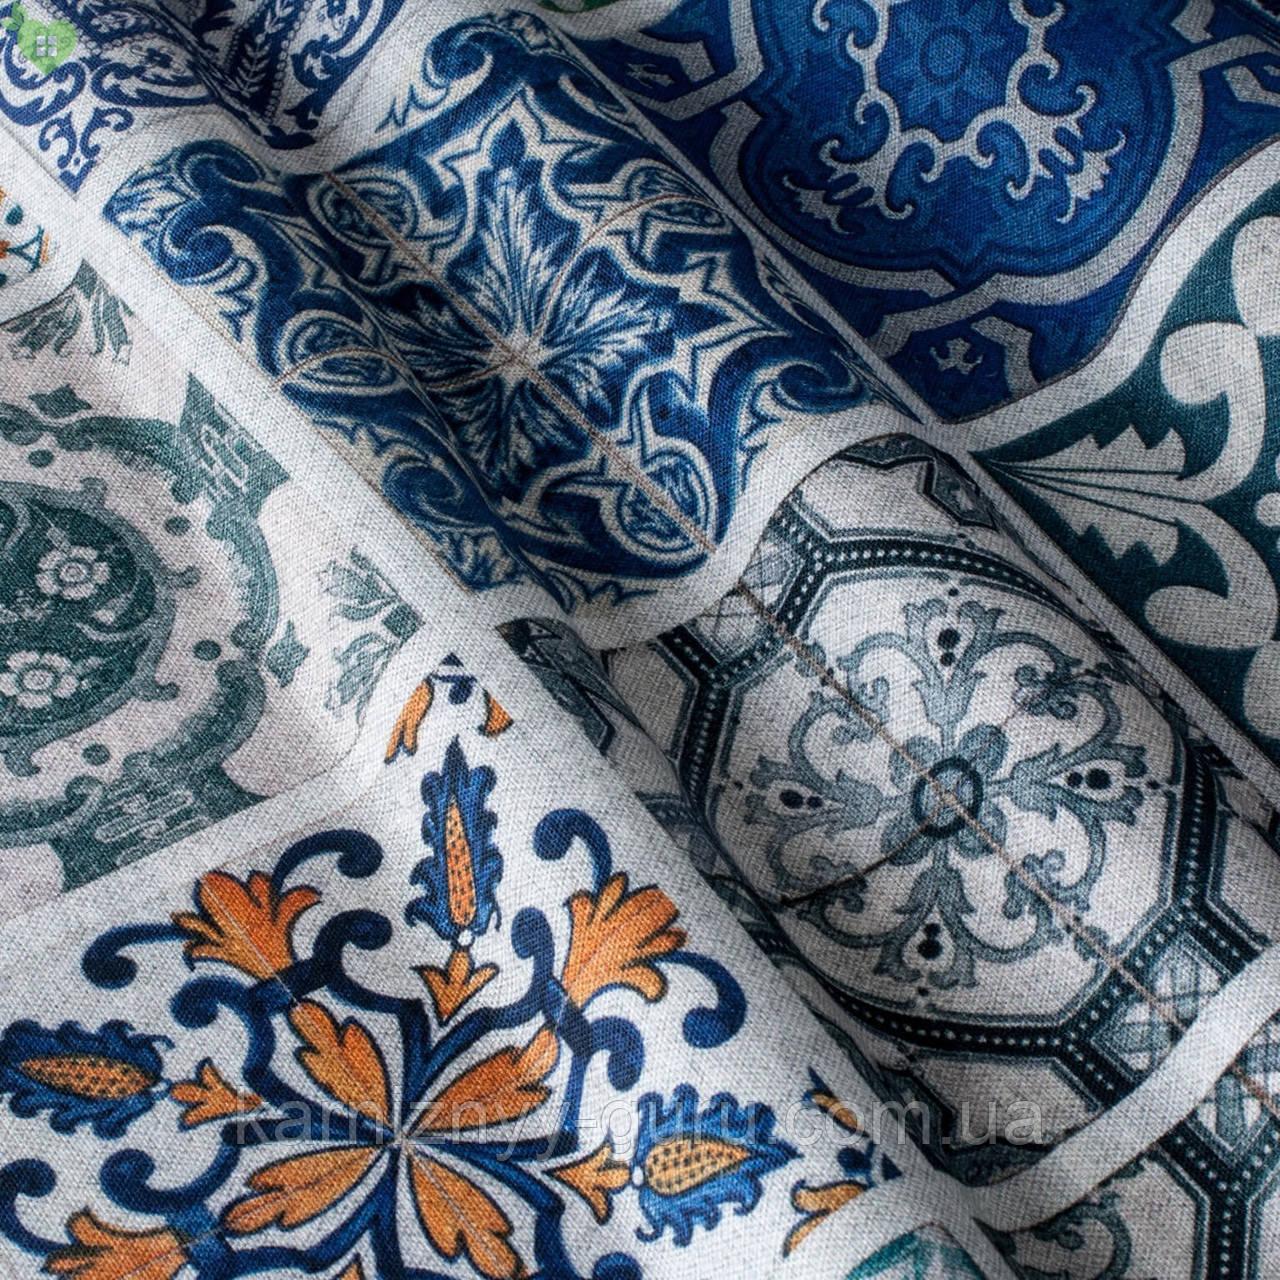 Декоративная ткань с витражной плиткой голубого и синего цвета на сером Испания 82339v1